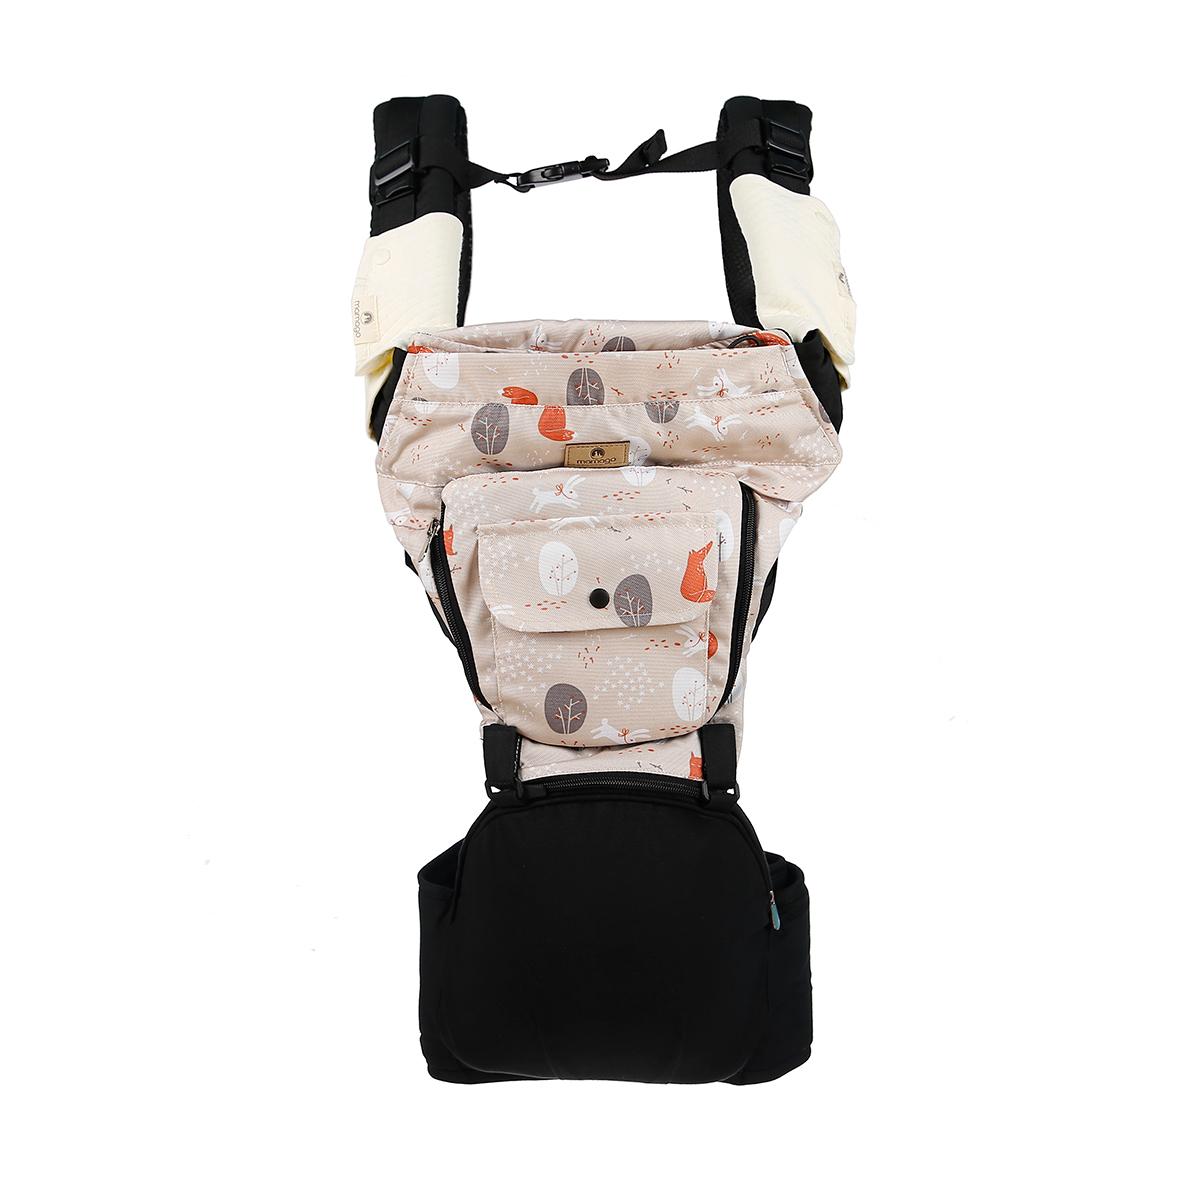 Địu ngồi cho bé Hip Seat Premium Mamago C04 (Hồng Kaki)